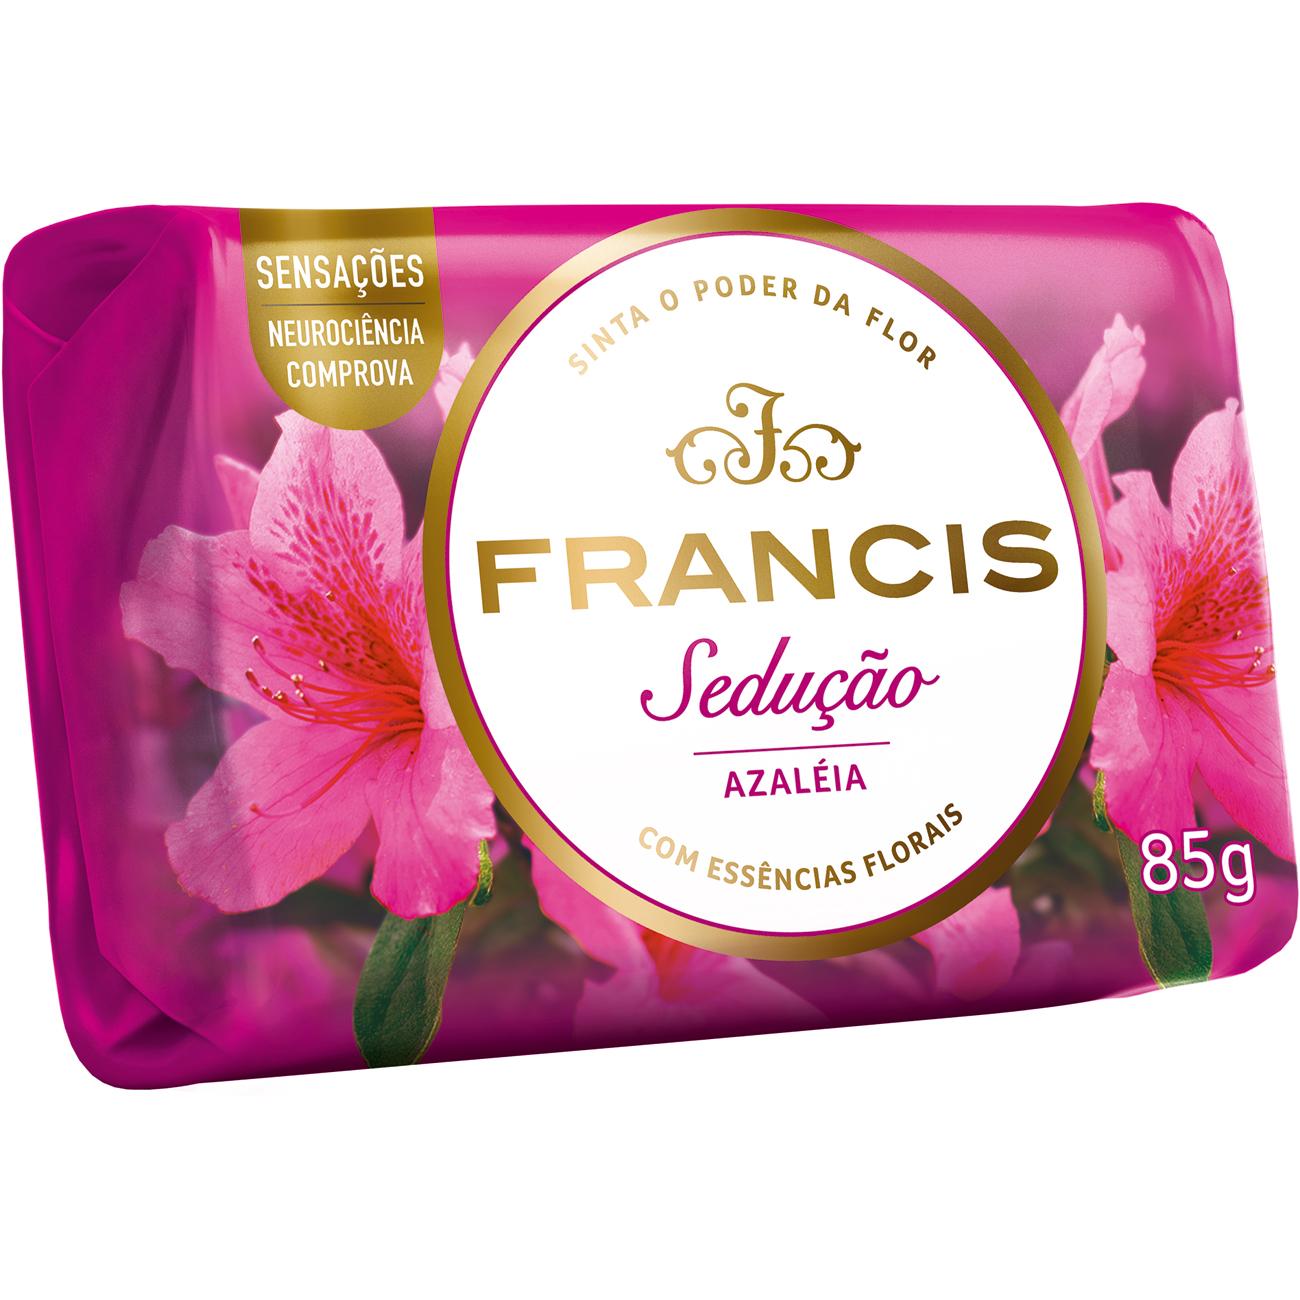 Sabonete em Barra Francis Sensacoes Seducao Azaleia 85G